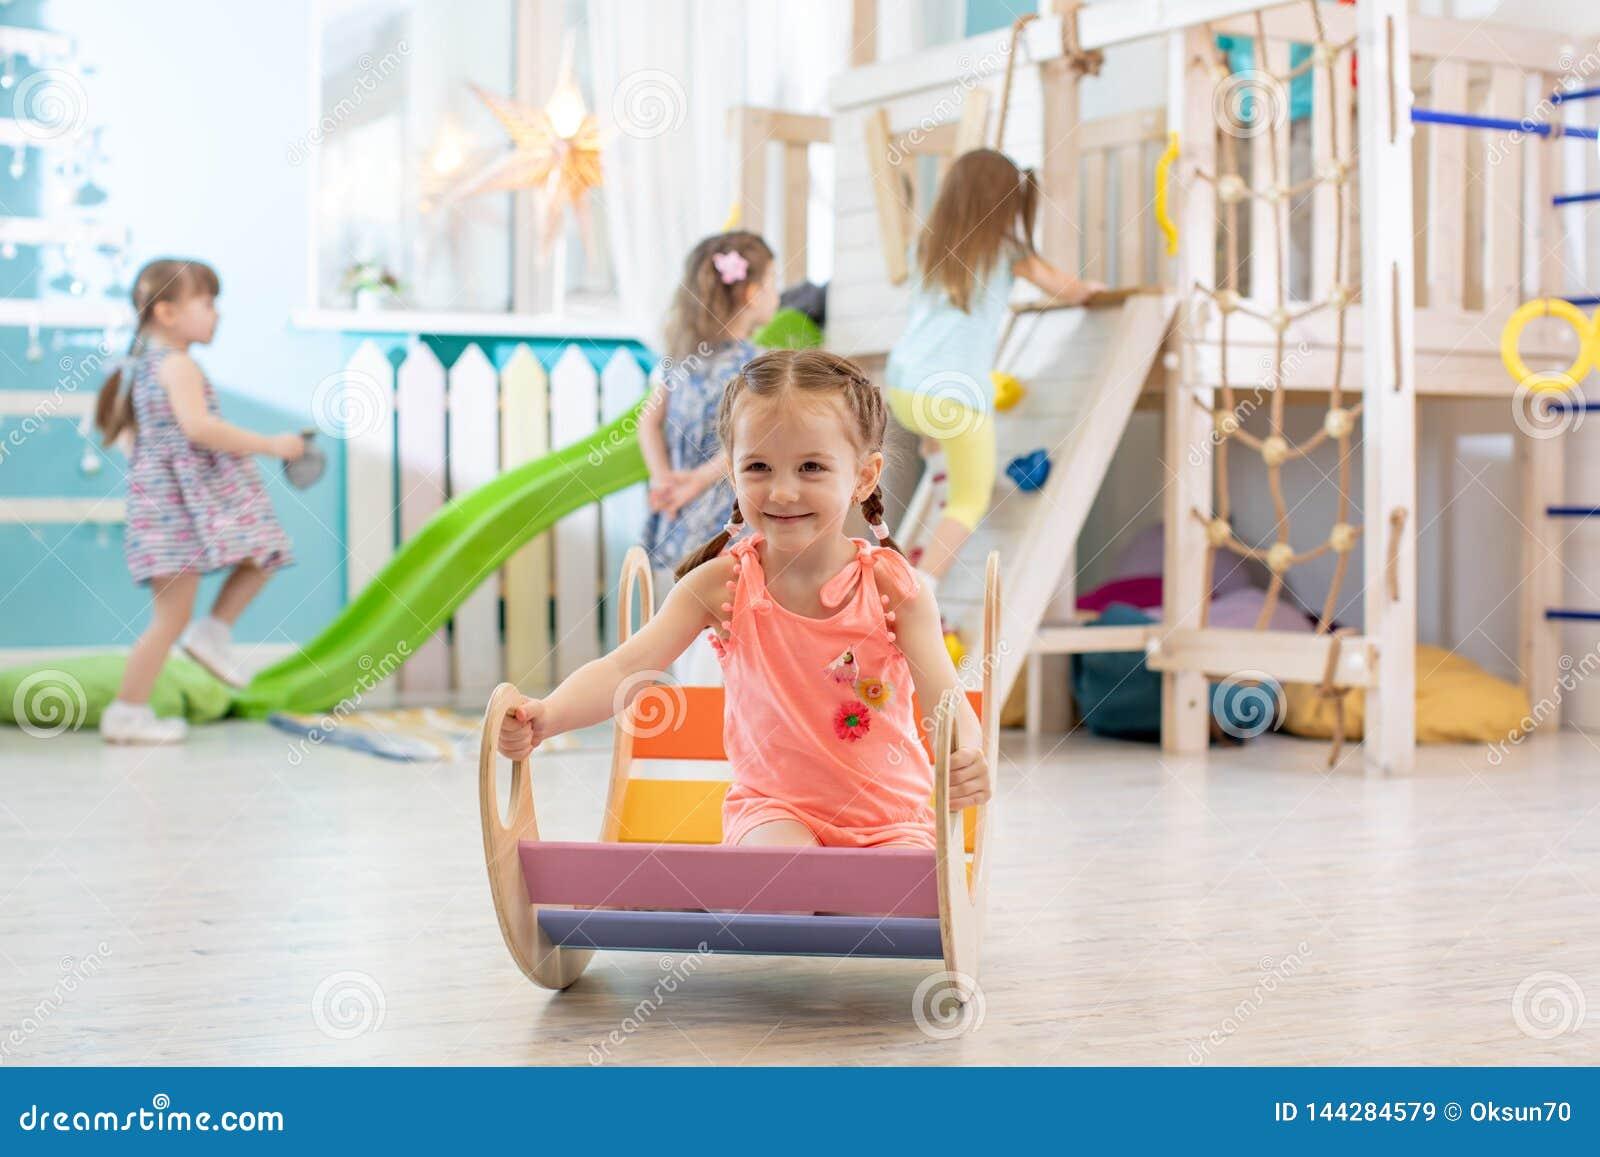 Szczęśliwa mała dziewczynka bawić się w playroom